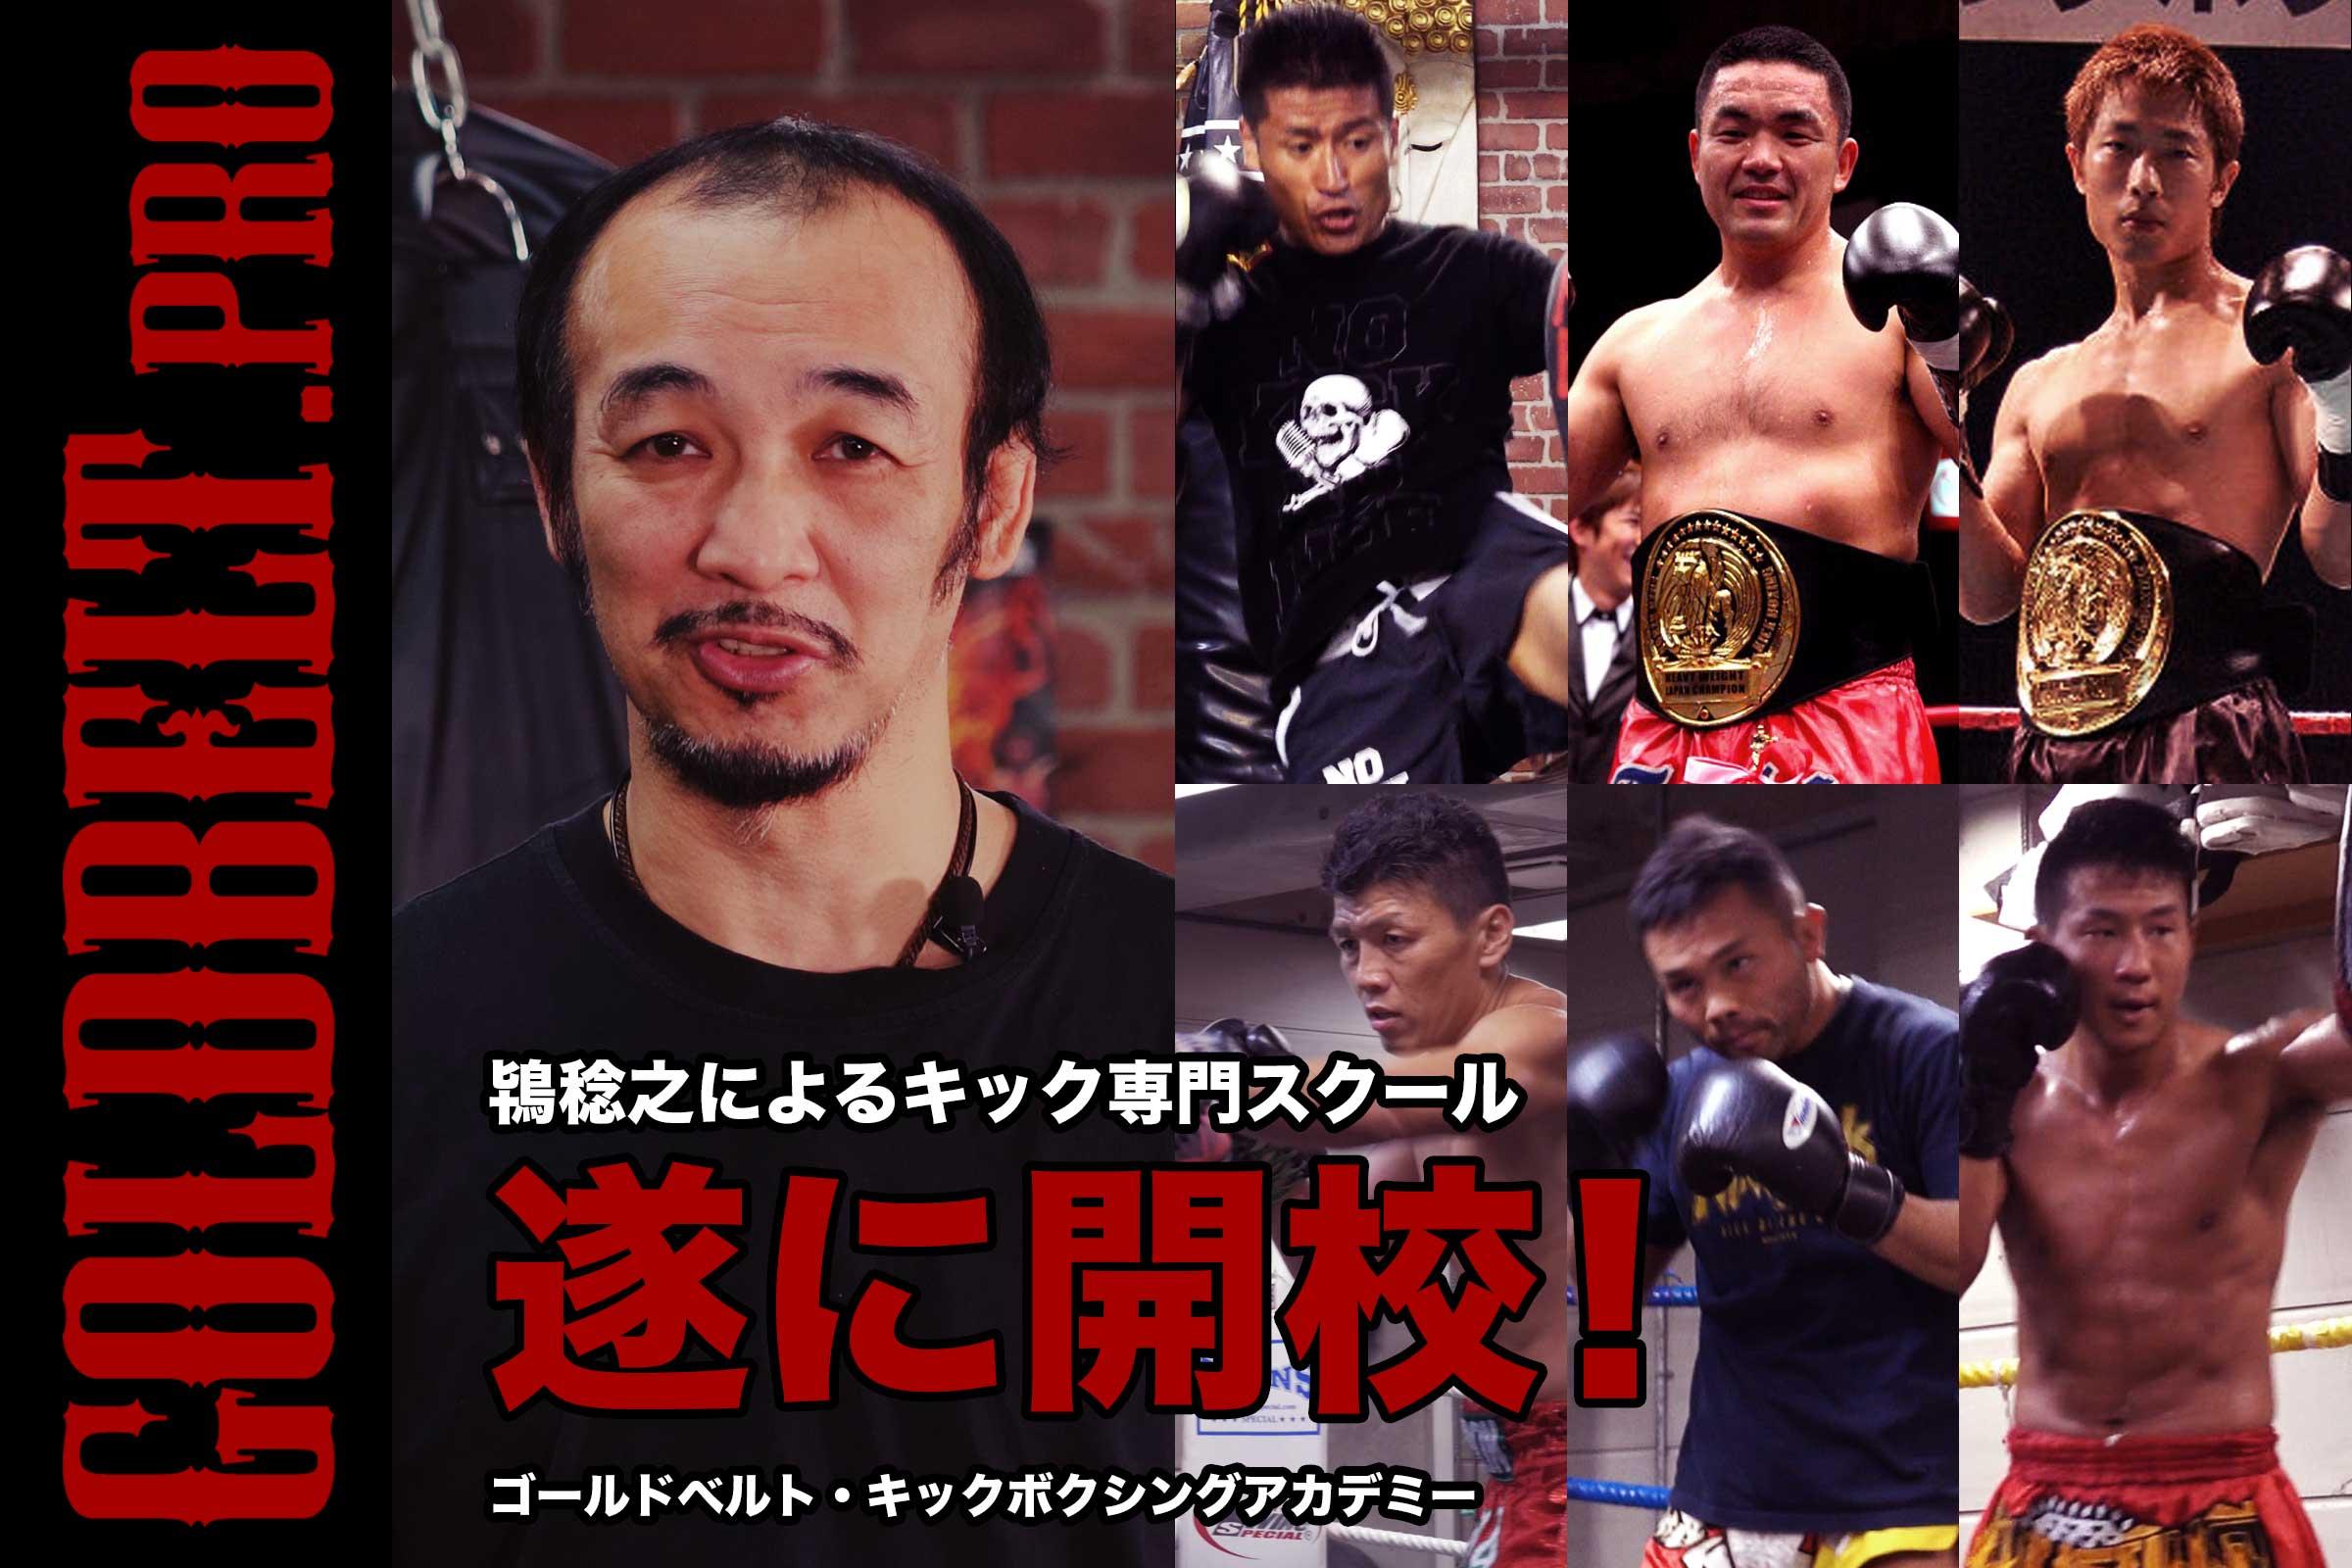 鴇稔之が主宰する新たなキックボクシング専門スクール、『ゴールドベルト・キックボクシングアカデミー』が発動!